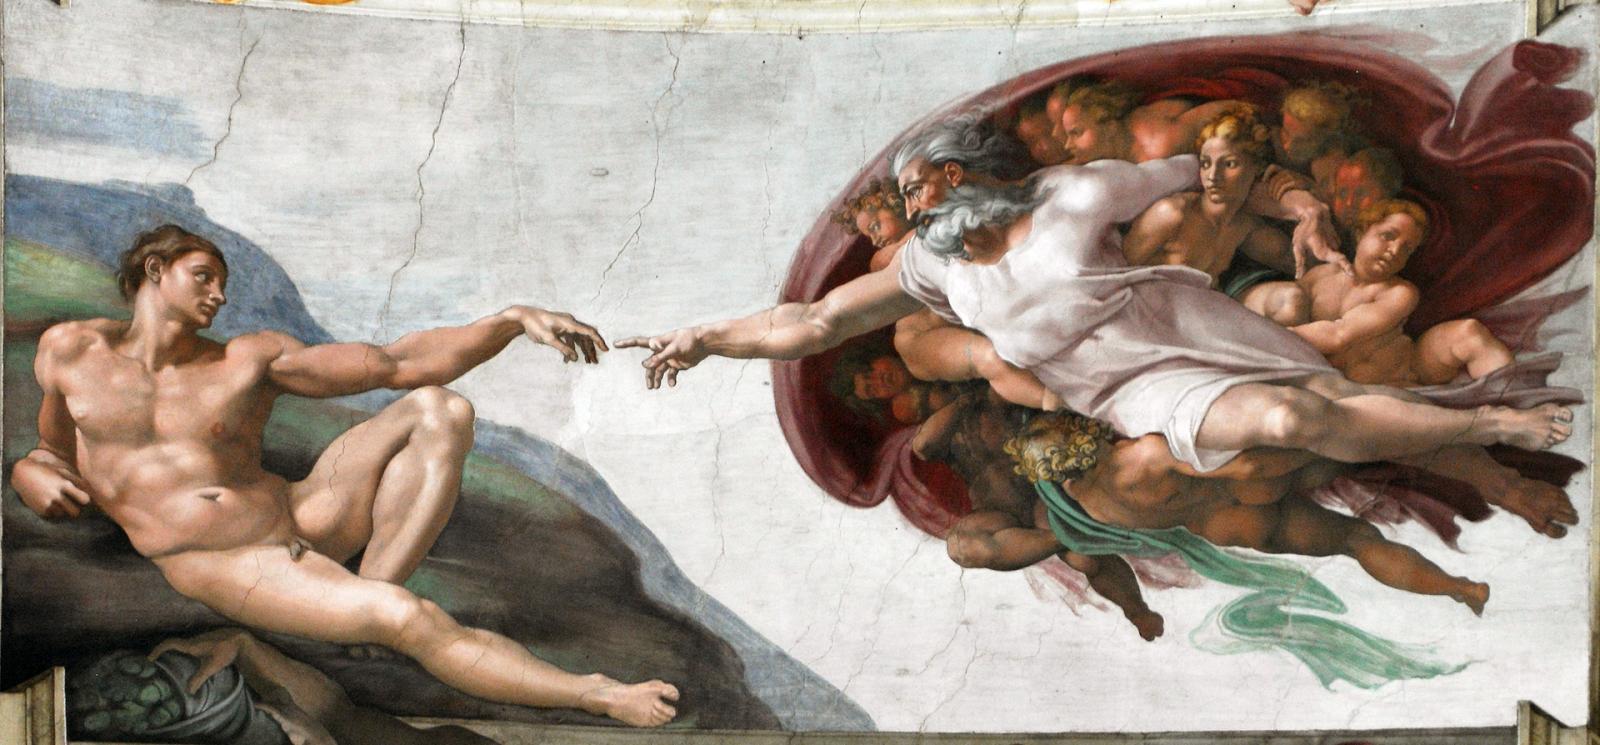 A Criação de Adão - Pinturas com temas tirado da bíblia